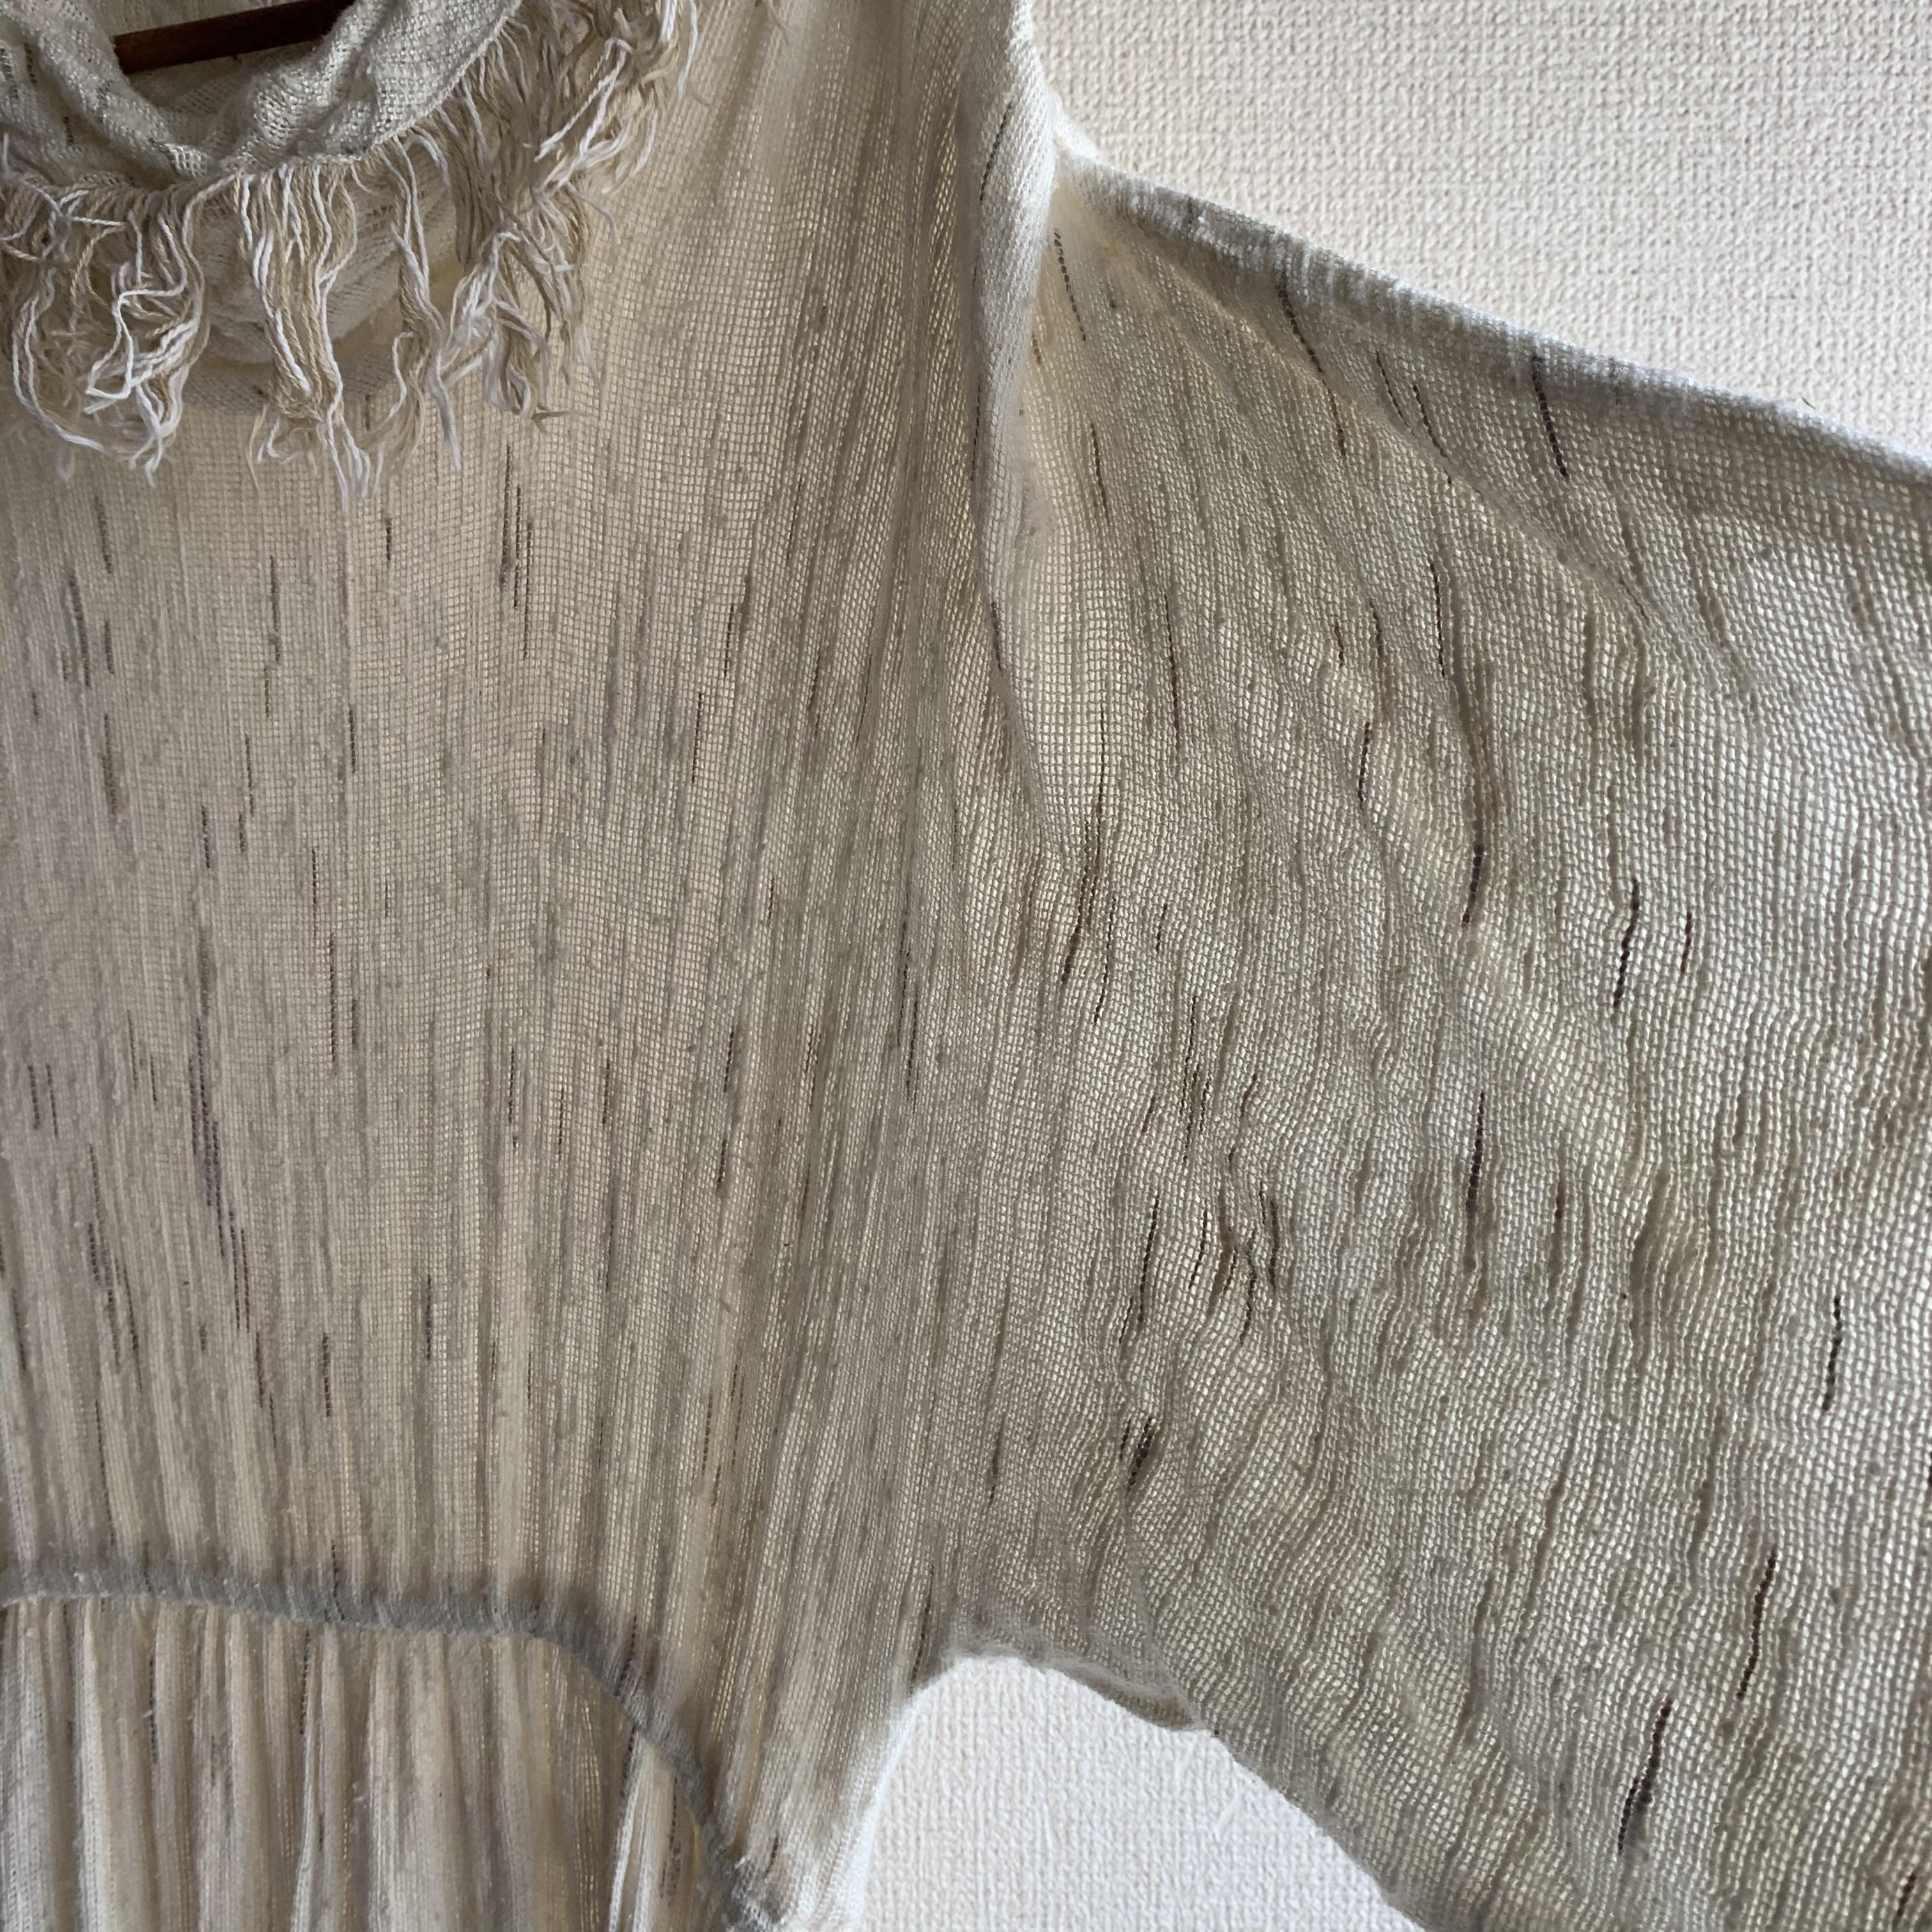 【SALE】vintage 70s dolman gauze fringe onepiece